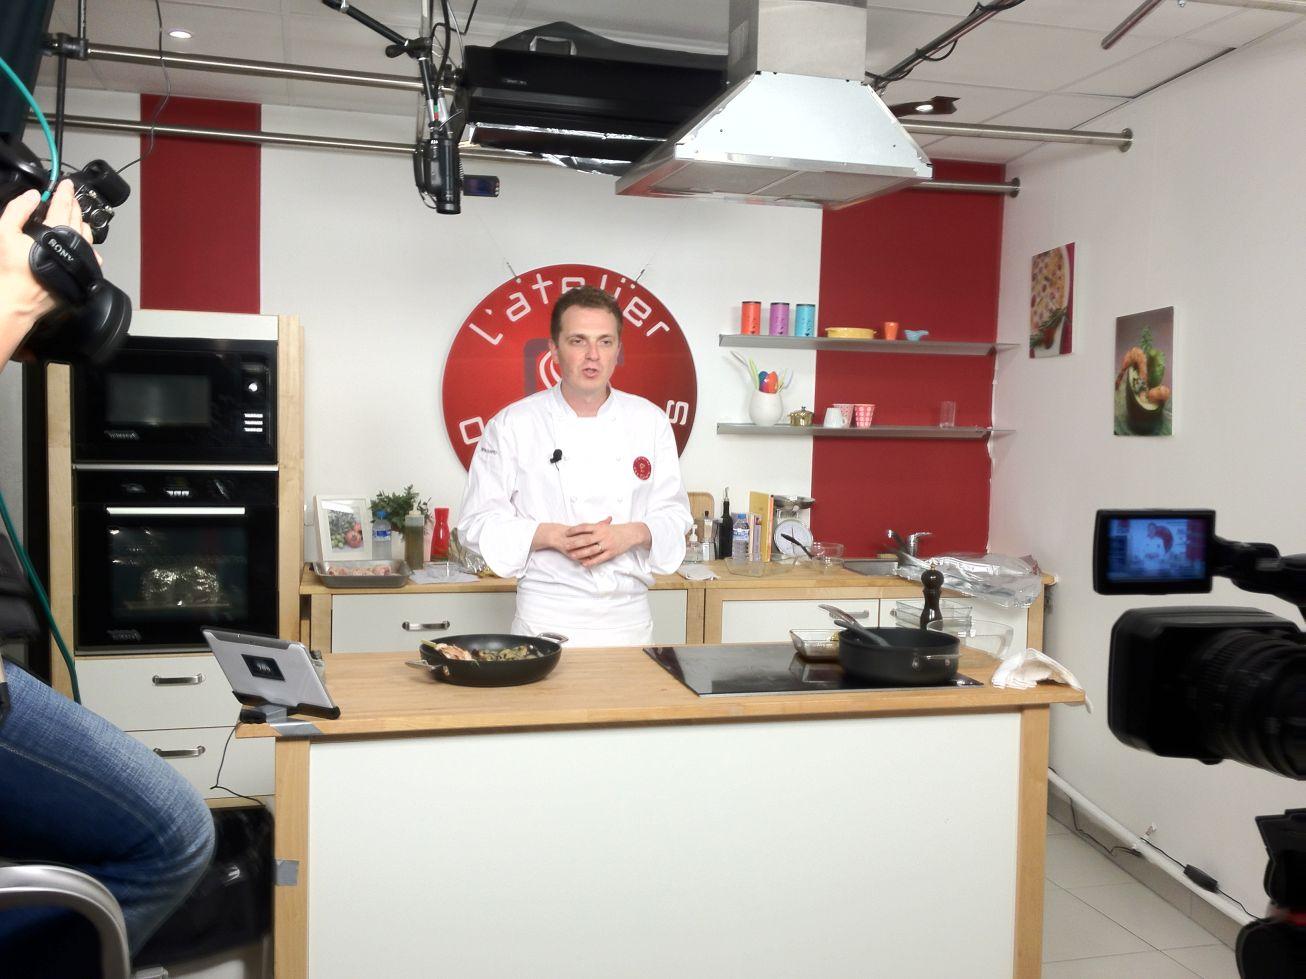 Cours de cuisine l 39 atelier des chefs for Atelier cours de cuisine